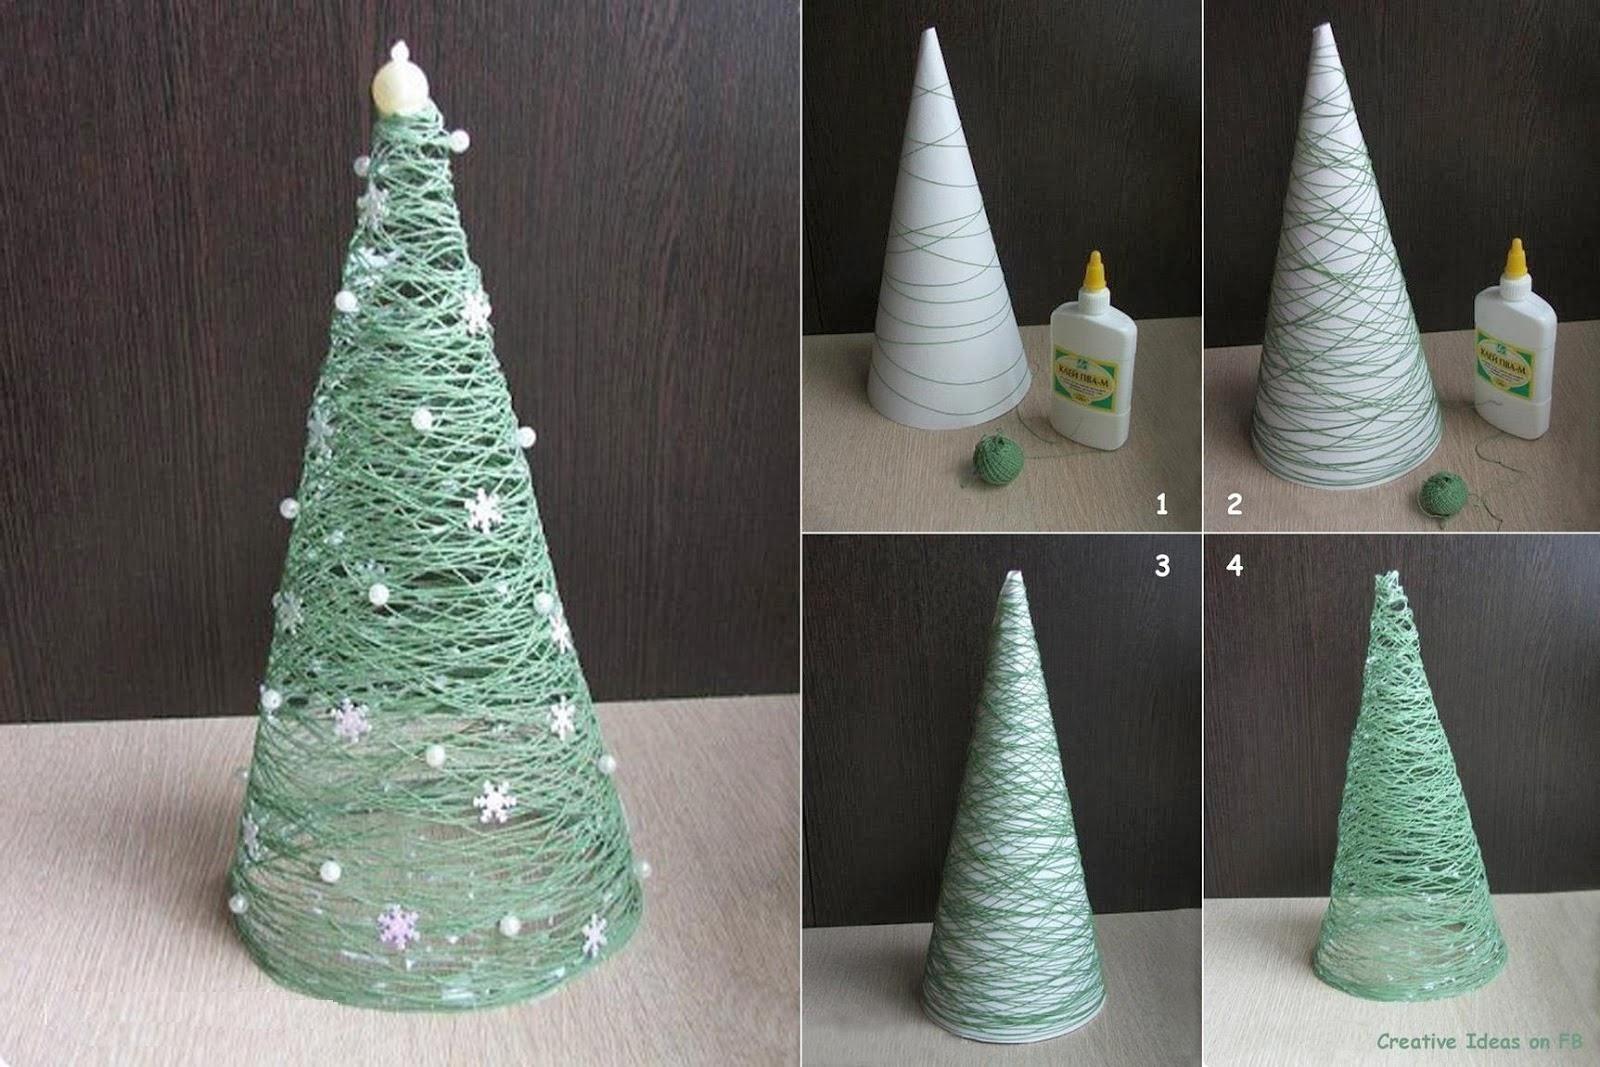 Muyvariadocom Arbol De Navidad Con Lana O Cuerda Manualidades - Arbol-de-navidad-artesanal